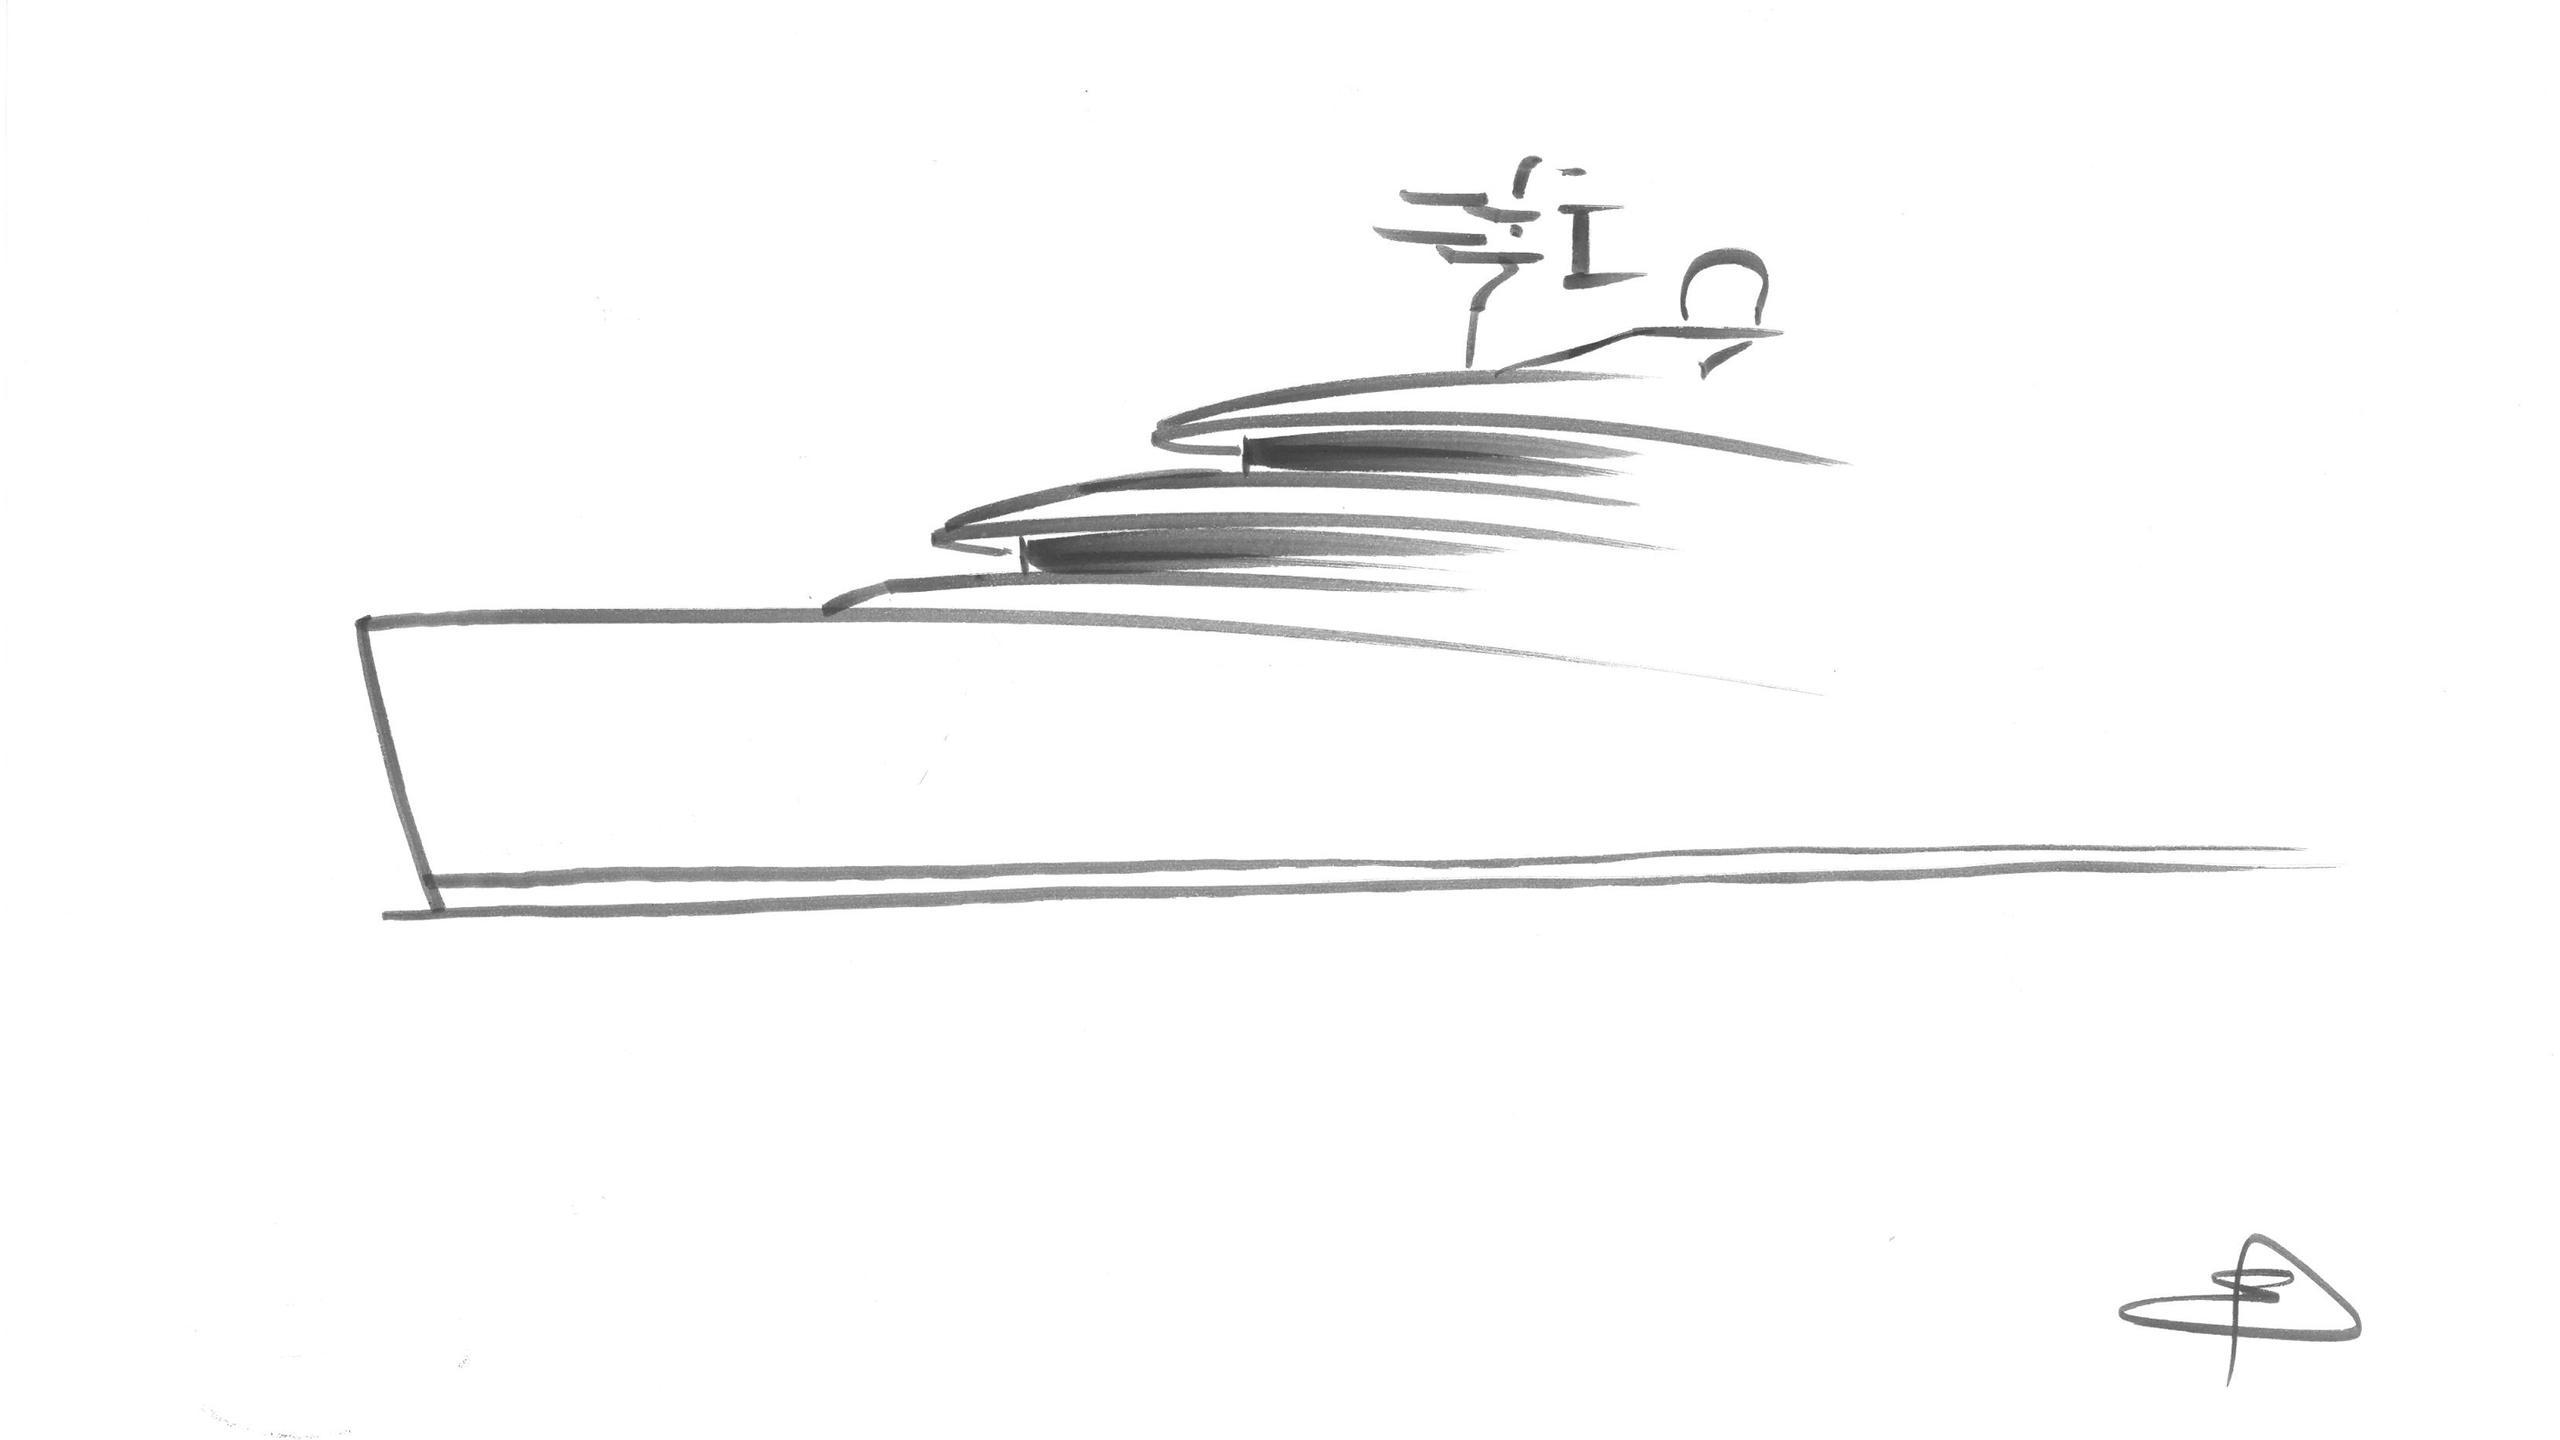 nobiskrug 62m motoryacht 2021 rendering